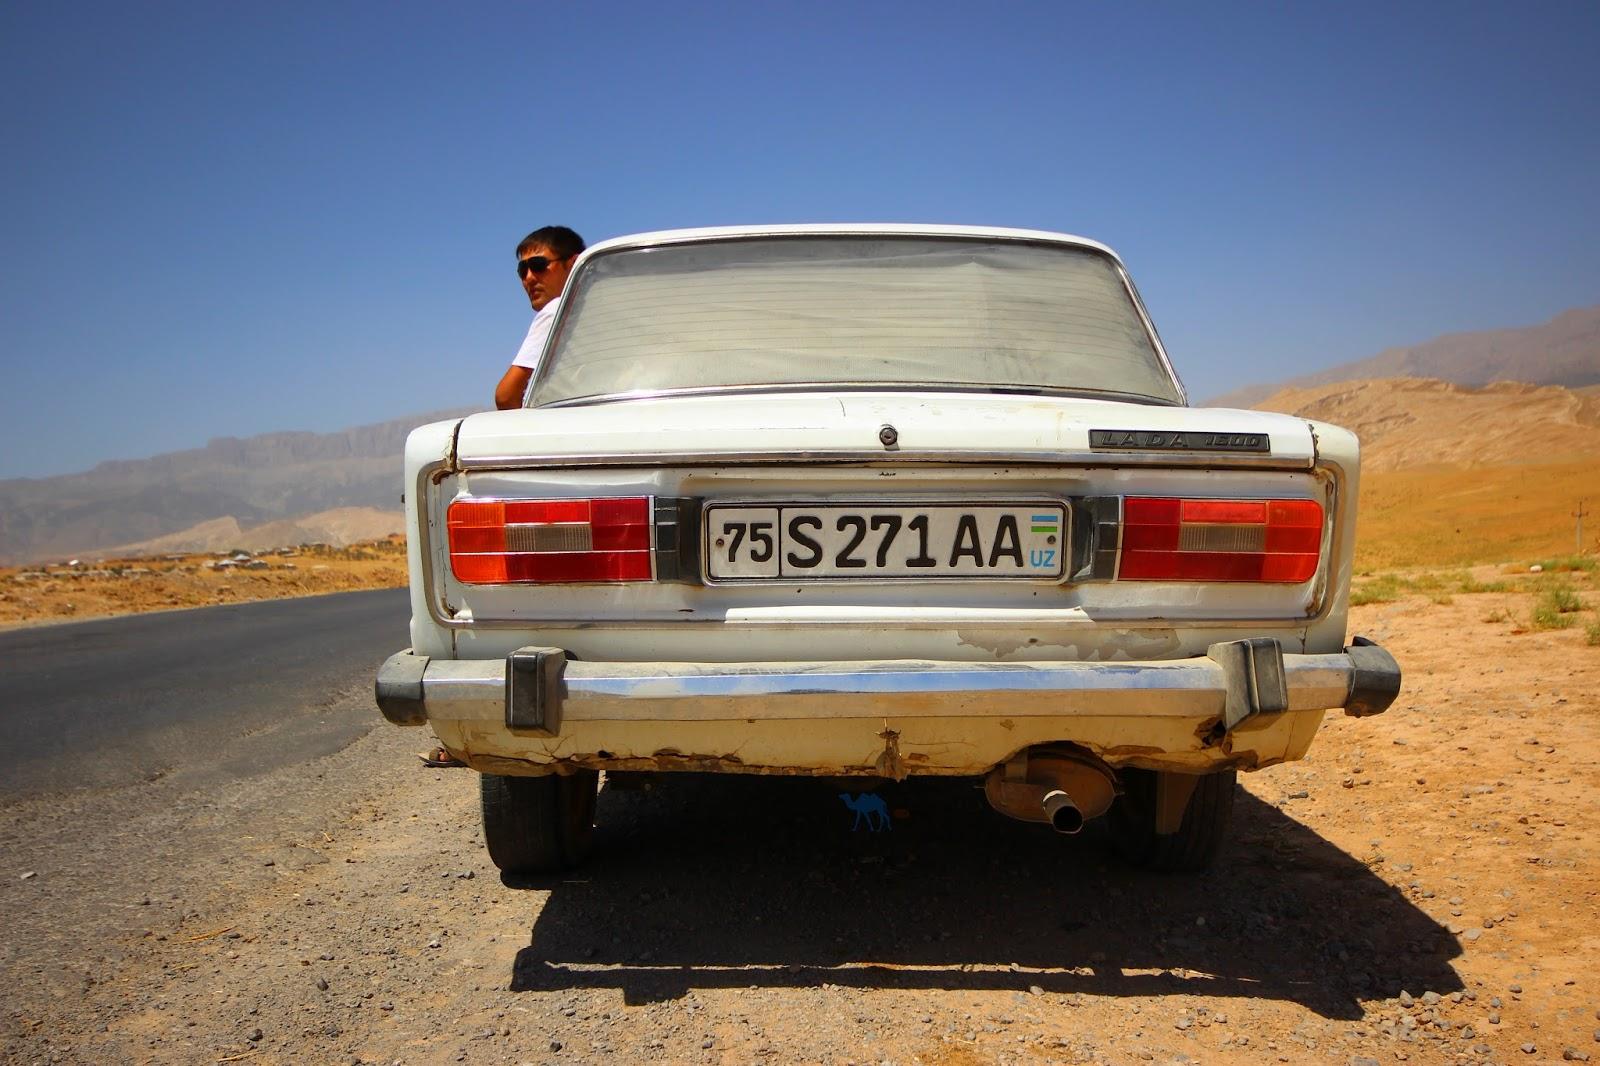 Le Chameau Bleu - Notre chauffeur à Boysun - Voyage en Ouzbékistan